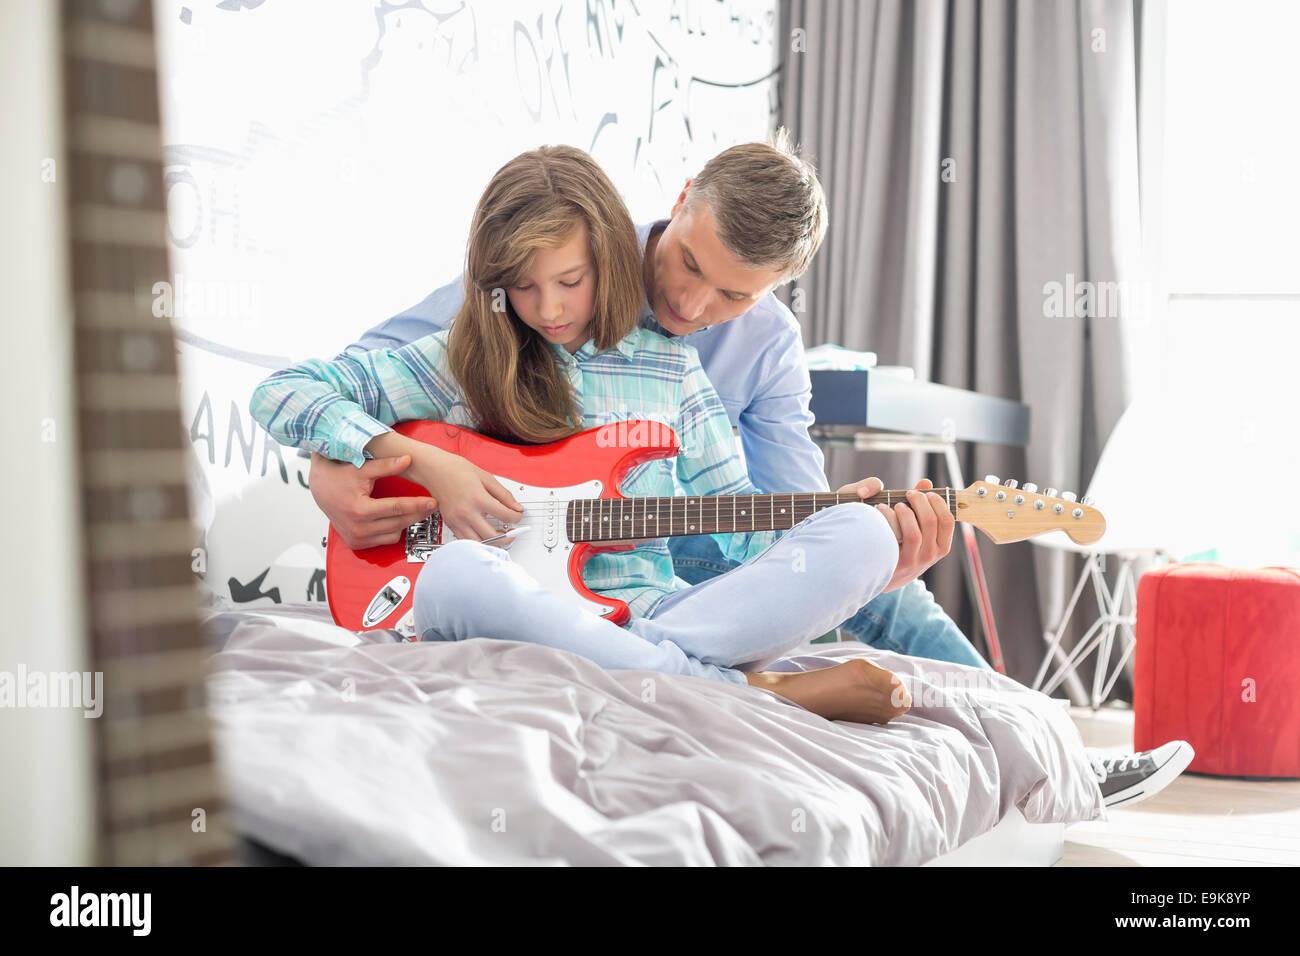 Vater Lehre Tochter zu Hause Gitarre spielen Stockbild